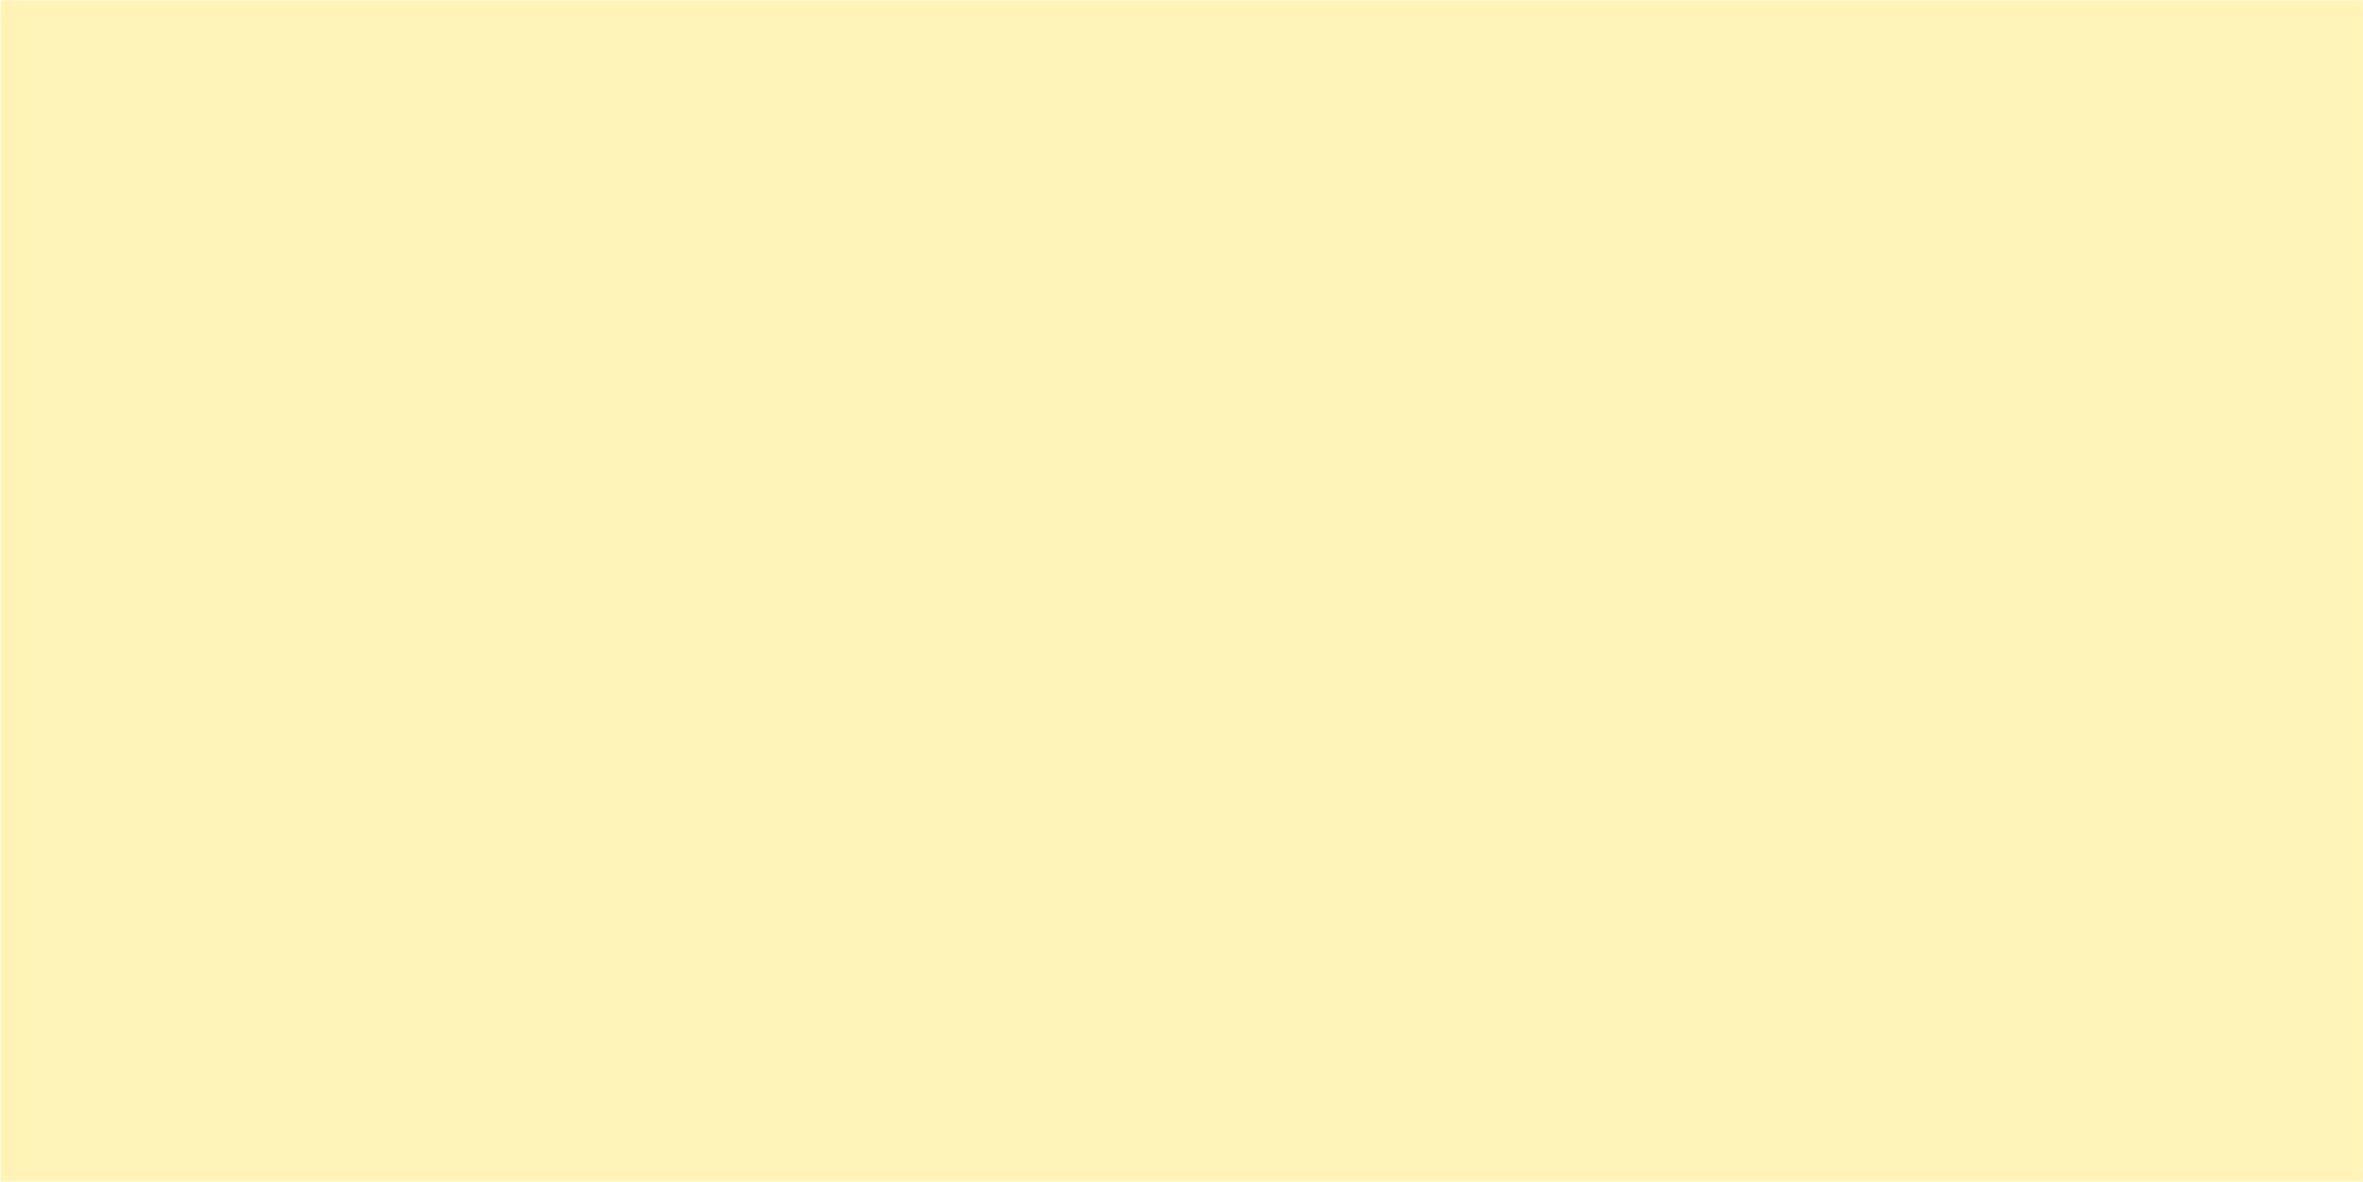 желтый Ламарти